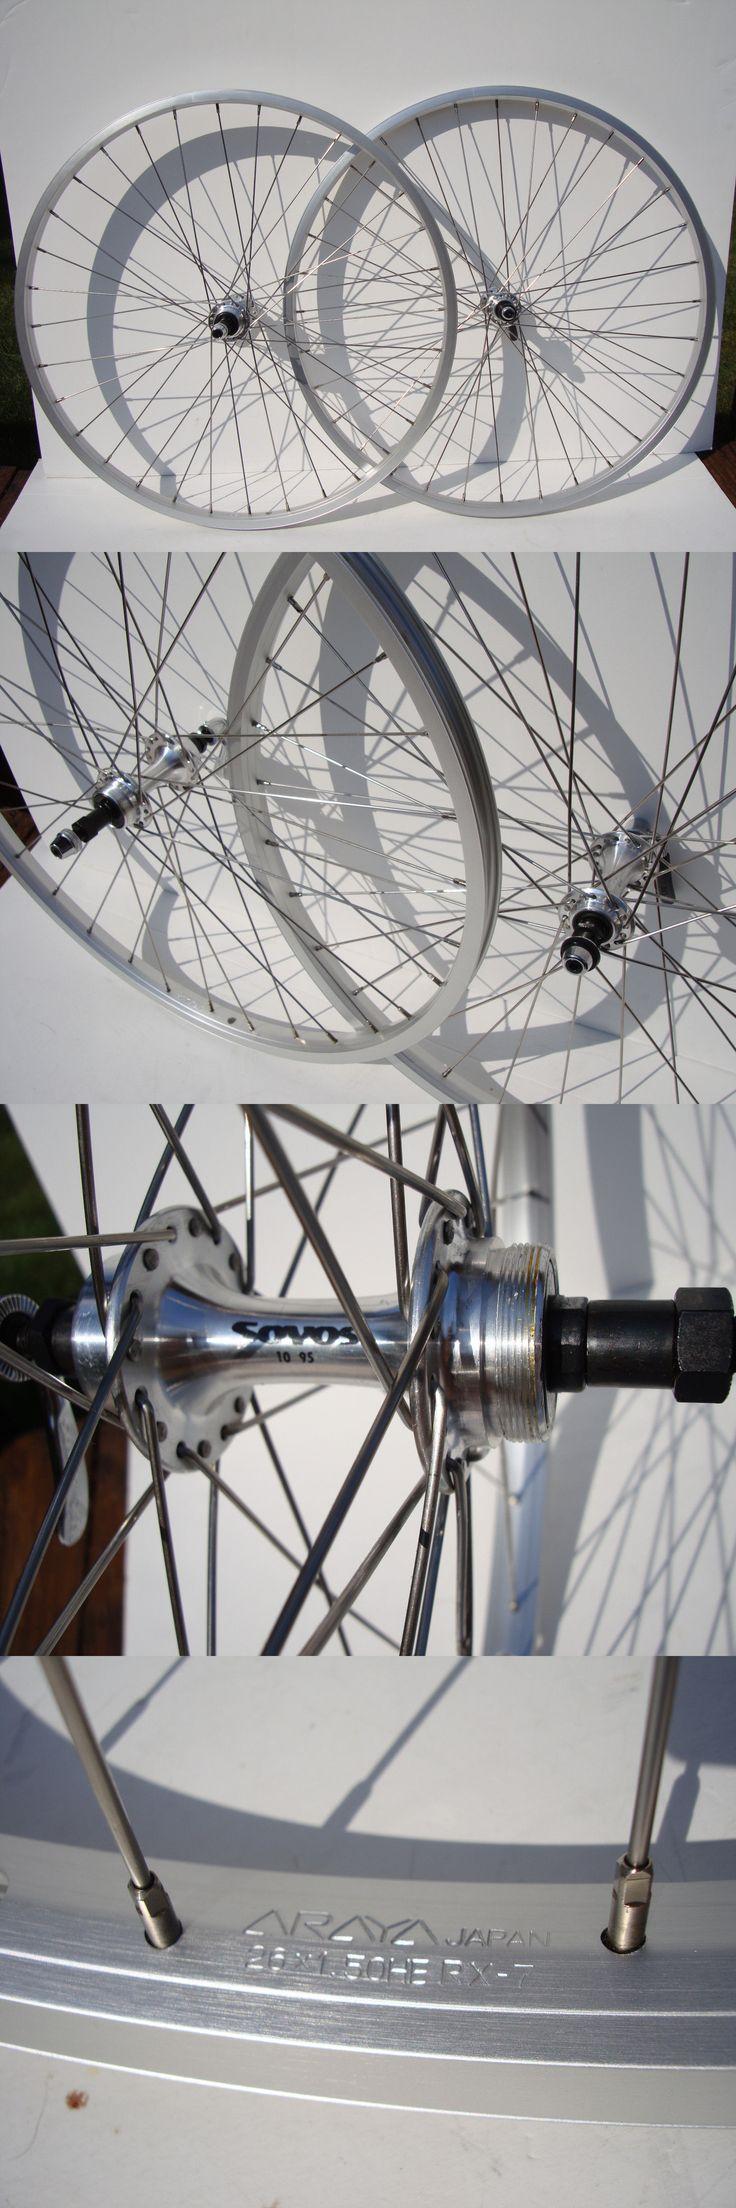 Vintage Bicycle Parts 56197: Nos Araya 26 Wheels Schwinn Trek Mtb Bike Cruiser Bicycle 5 6 7 8 Spd Vtg Fuji -> BUY IT NOW ONLY: $165.0 on eBay!